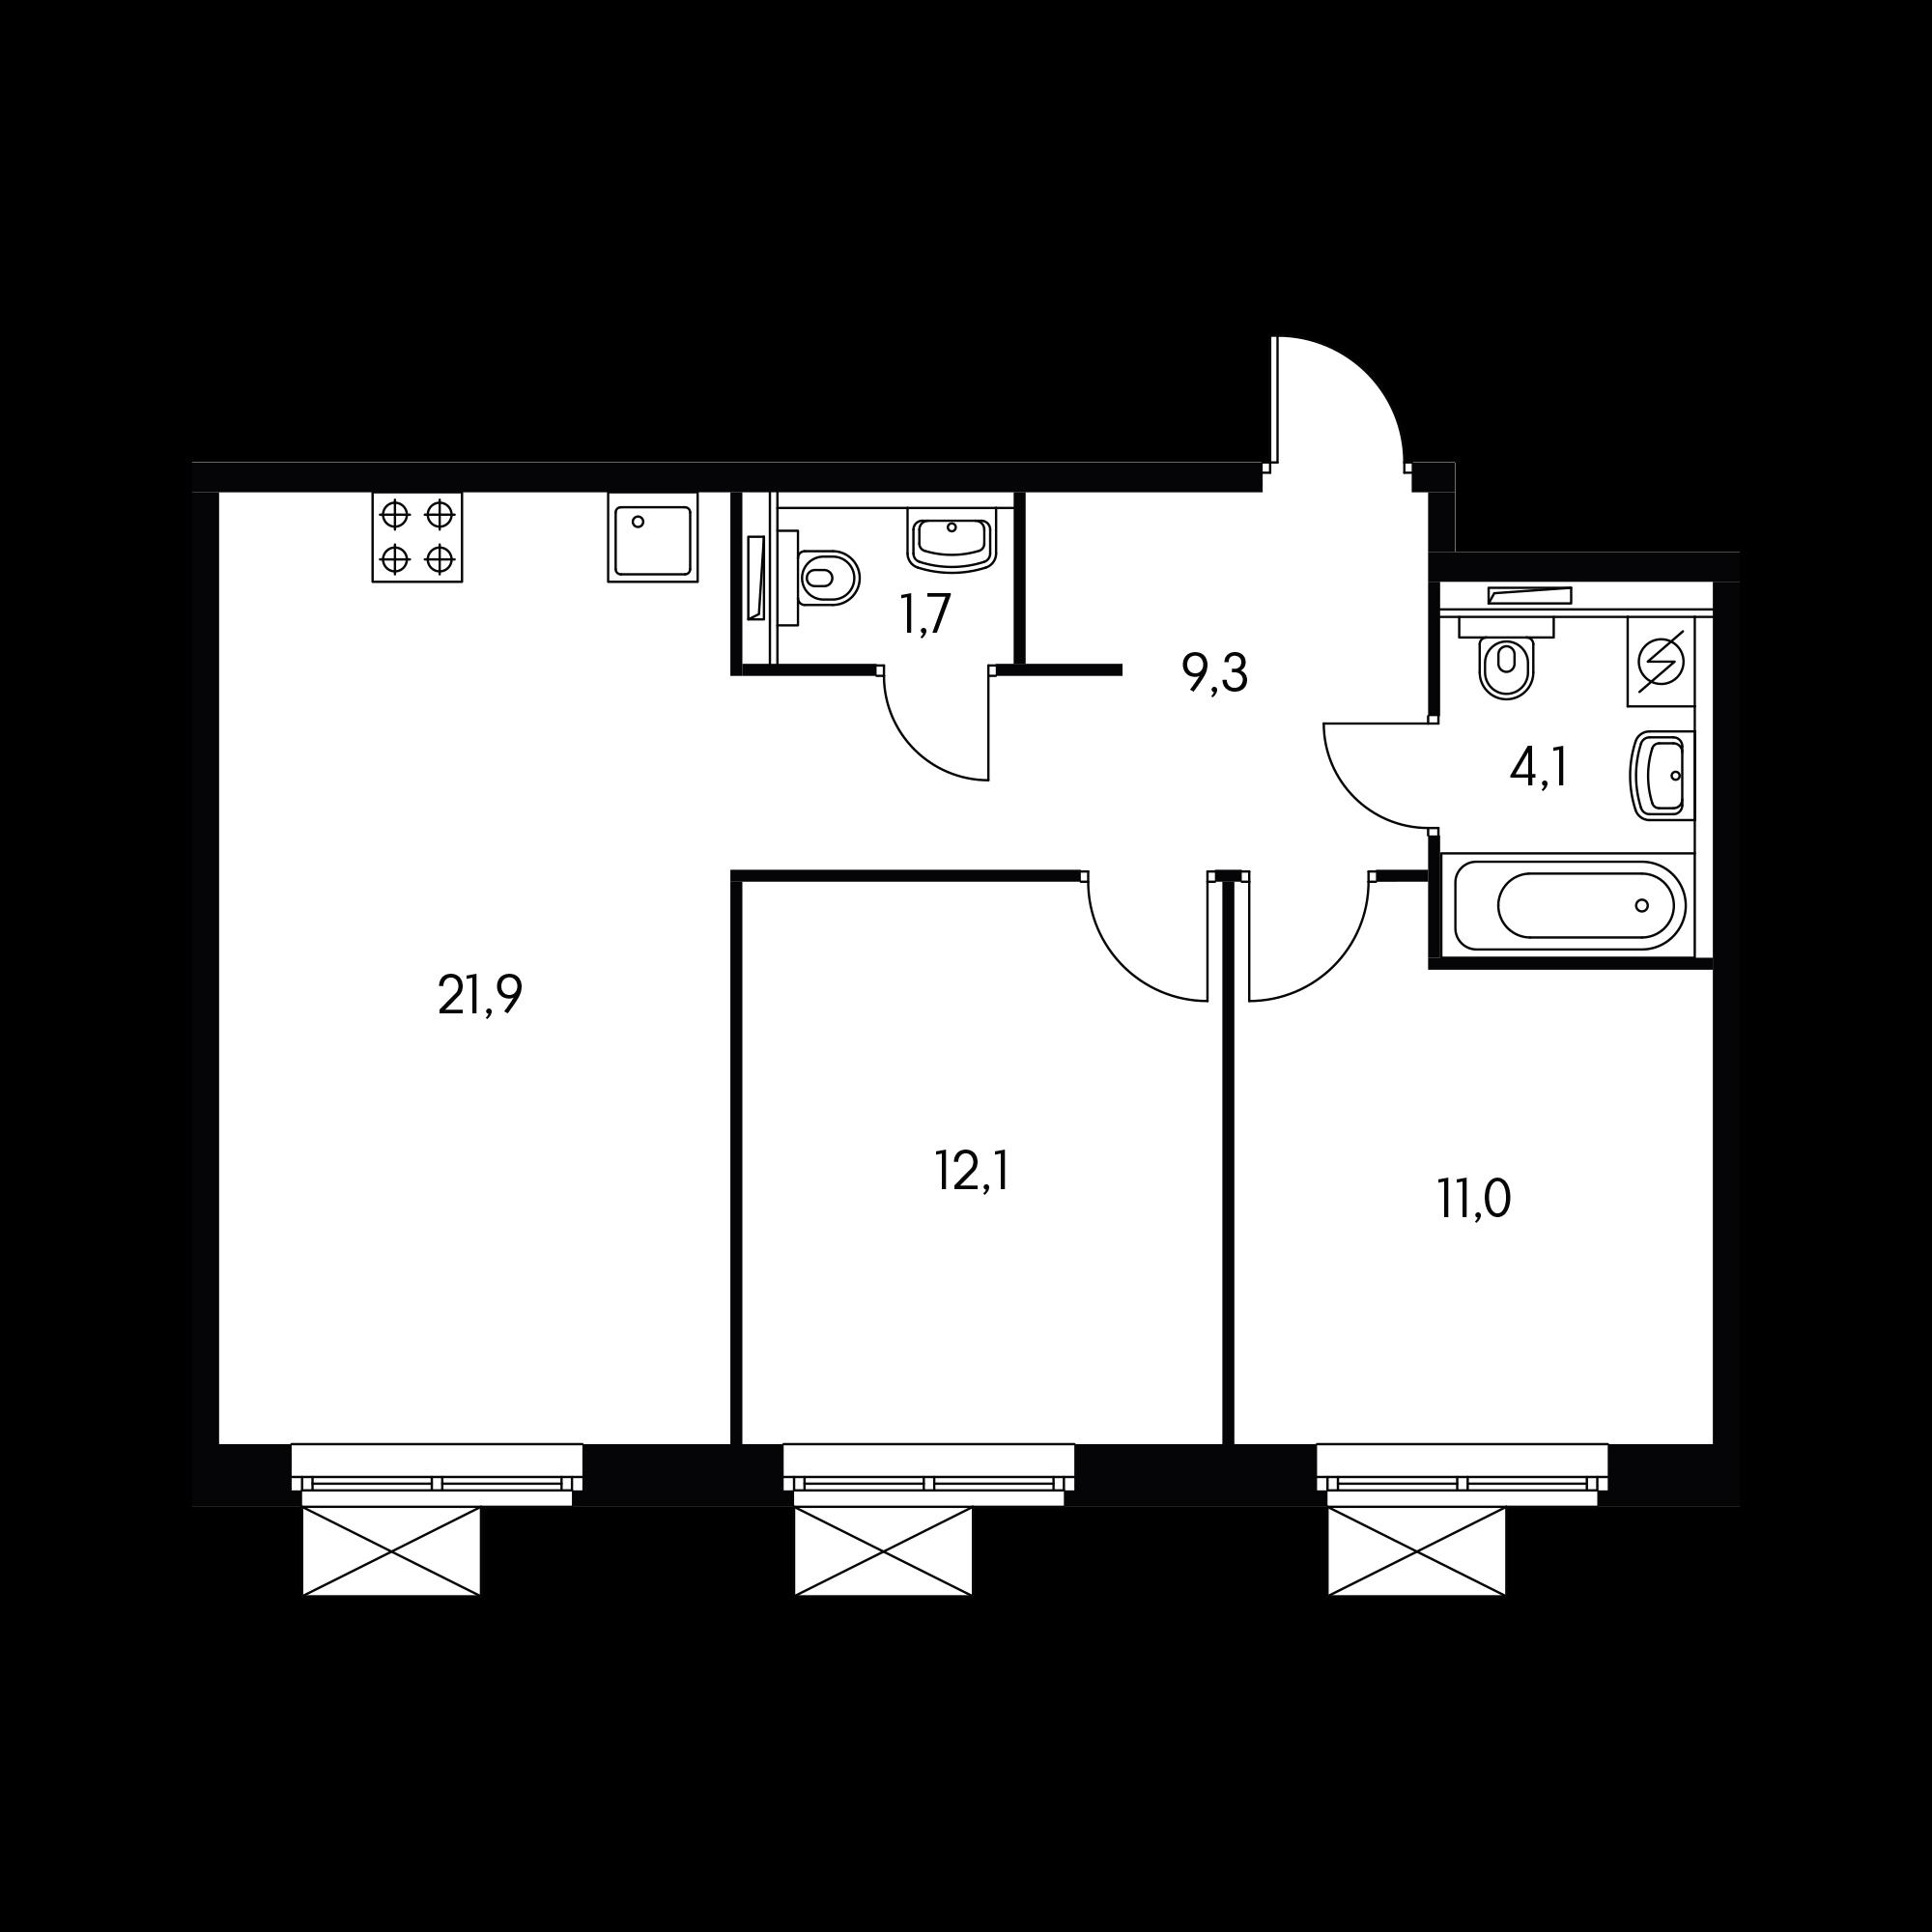 2EM7_10.2-1_S_A